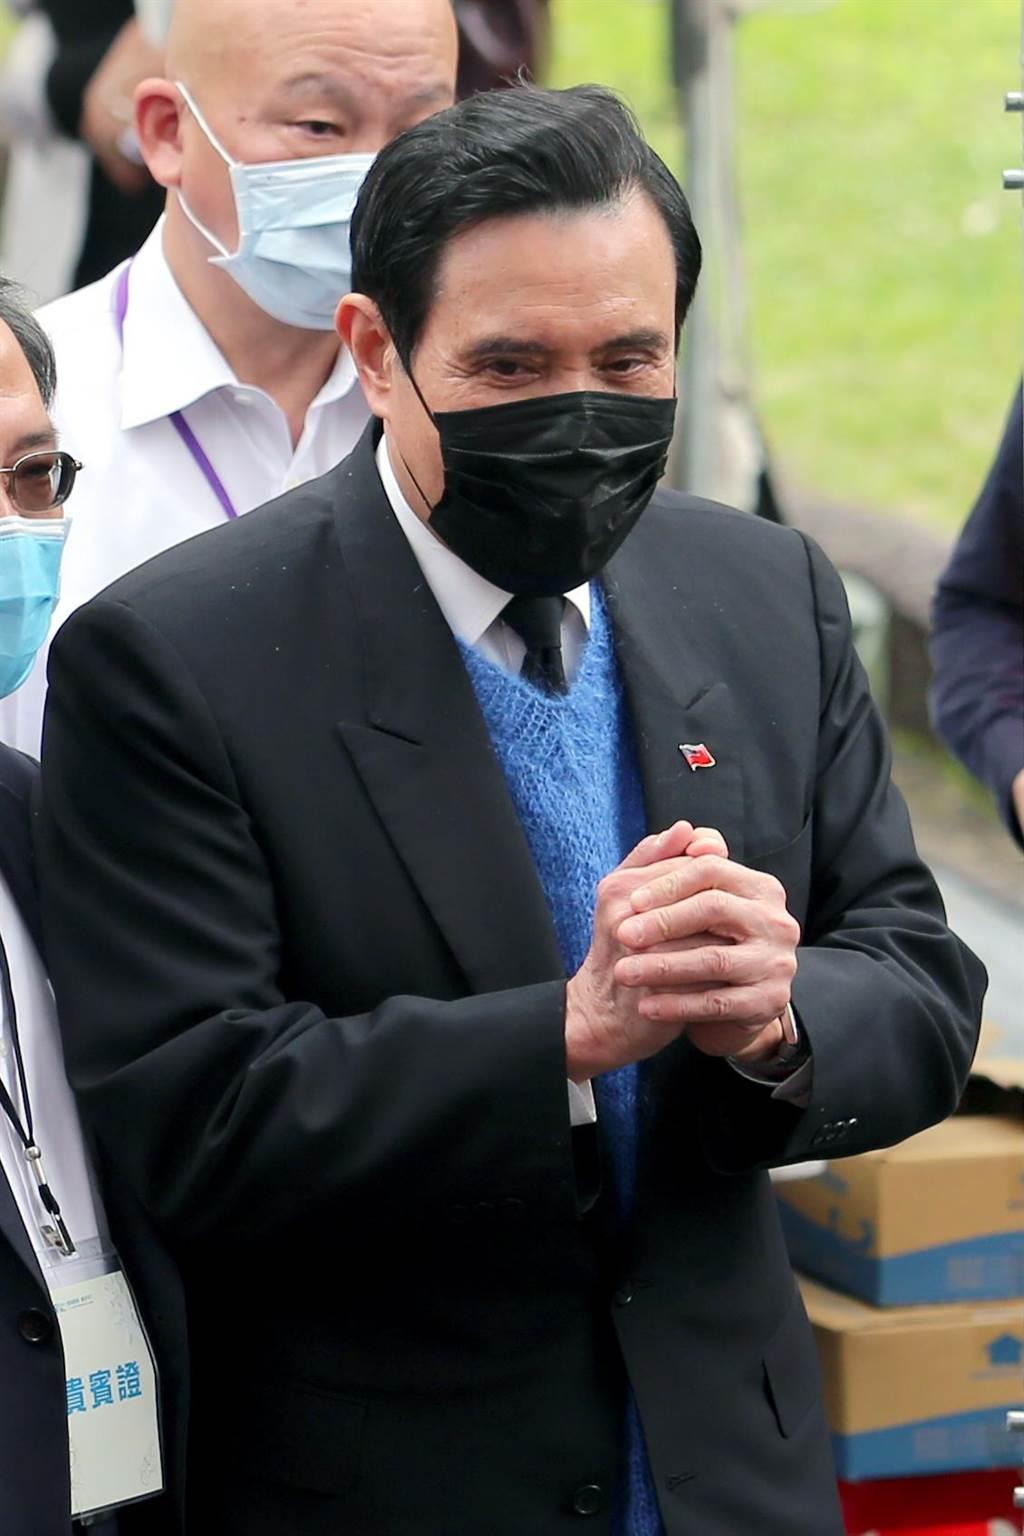 前總統馬英九28日出席台北市228事件74周年紀念會時致詞表示,今天特別穿上的淺藍色毛衣,是228受難者家屬送給他的,在這個日子裡讓他覺得特別溫暖。(黃世麒攝)